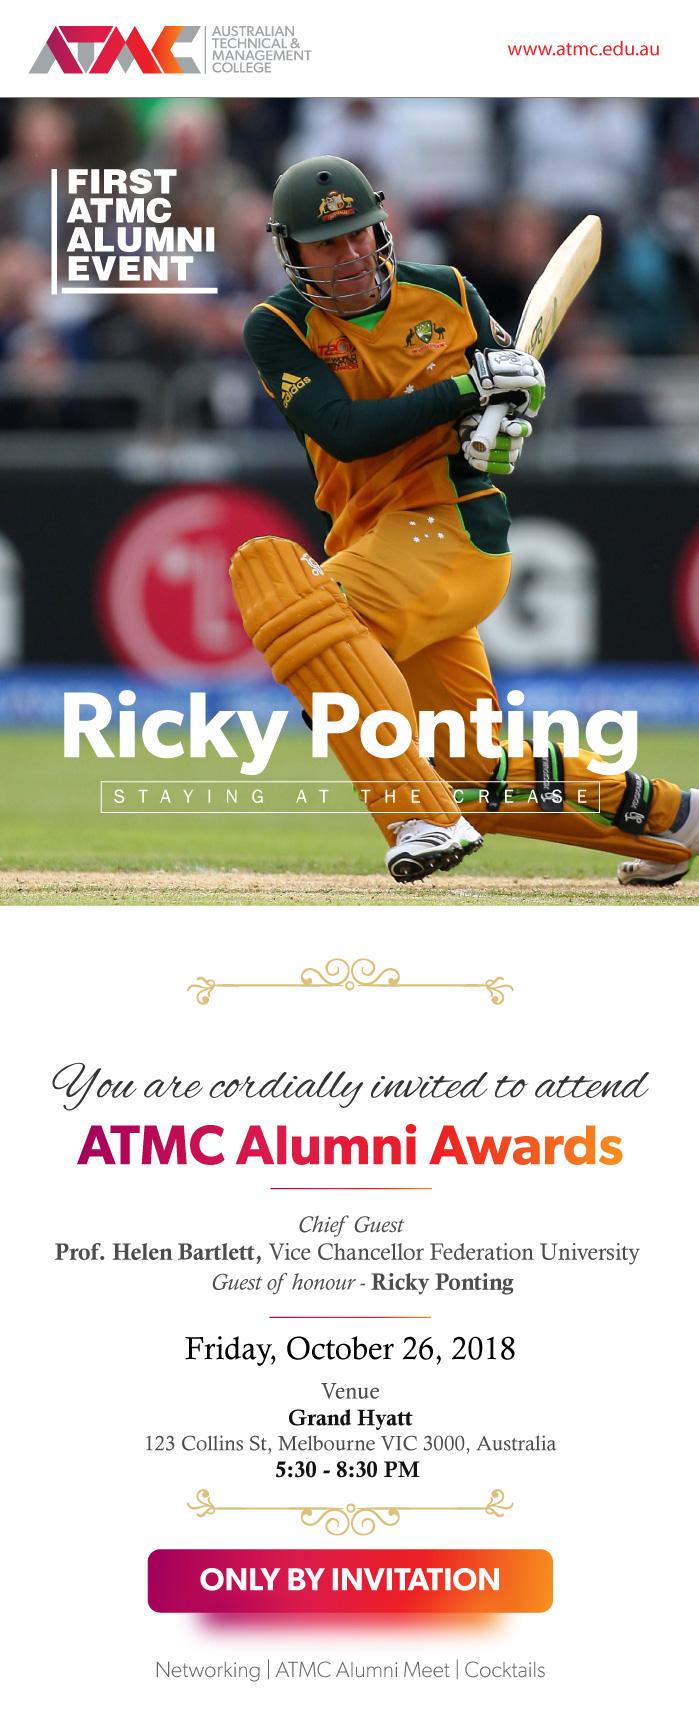 ATMC Alumni Awards Night